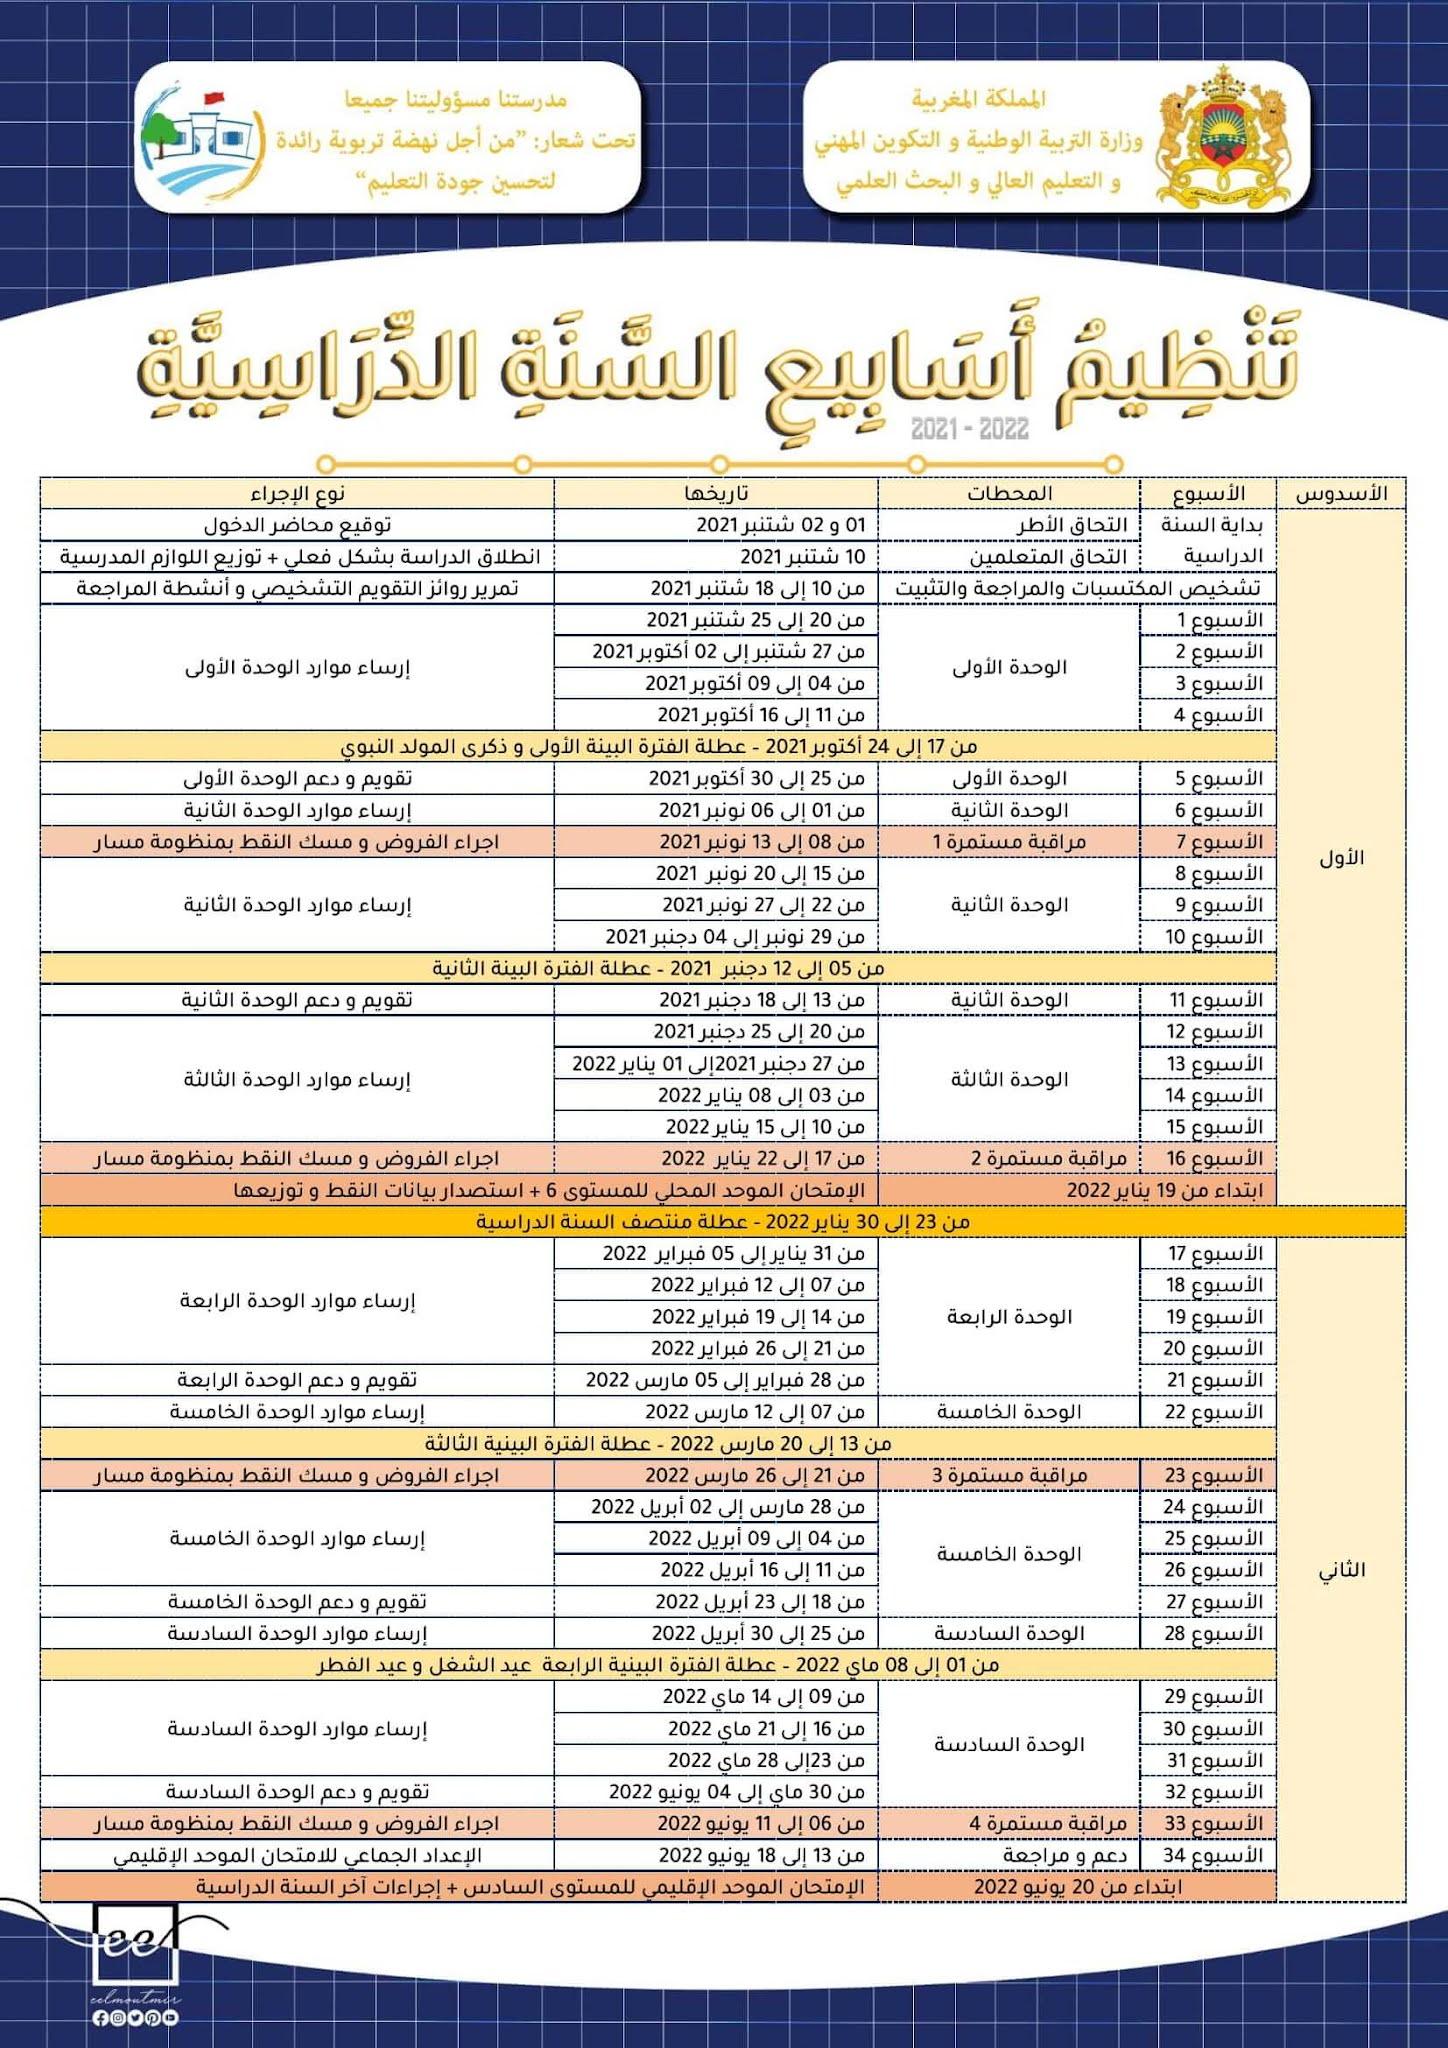 تنظيم أسابيع السنة الدراسية 2021 2022 PDF